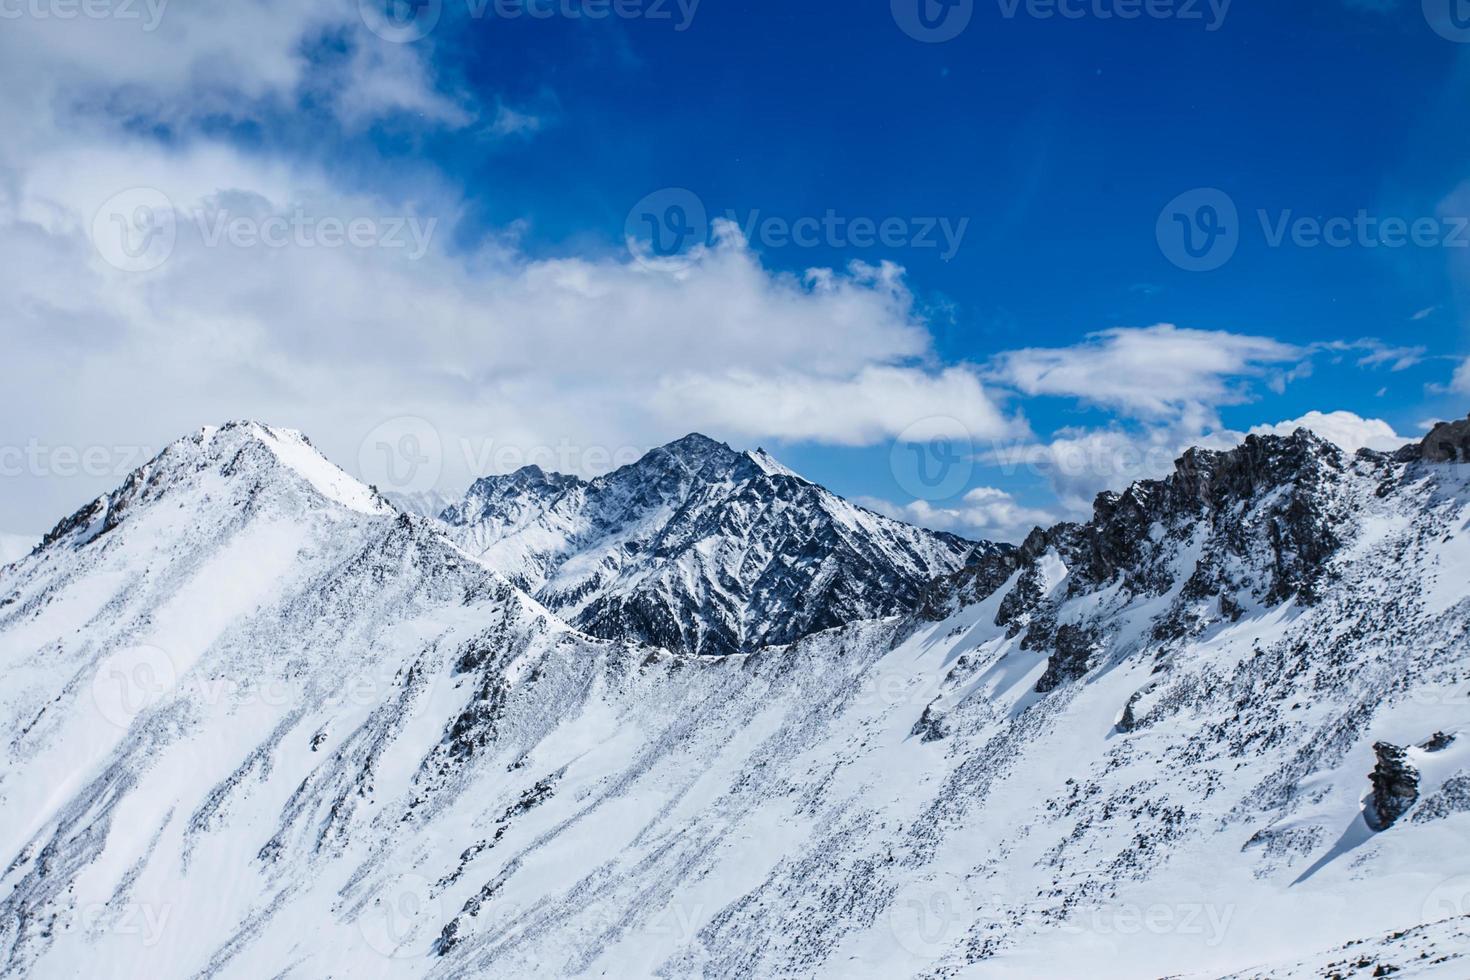 schöne Landschaft der Berge. foto